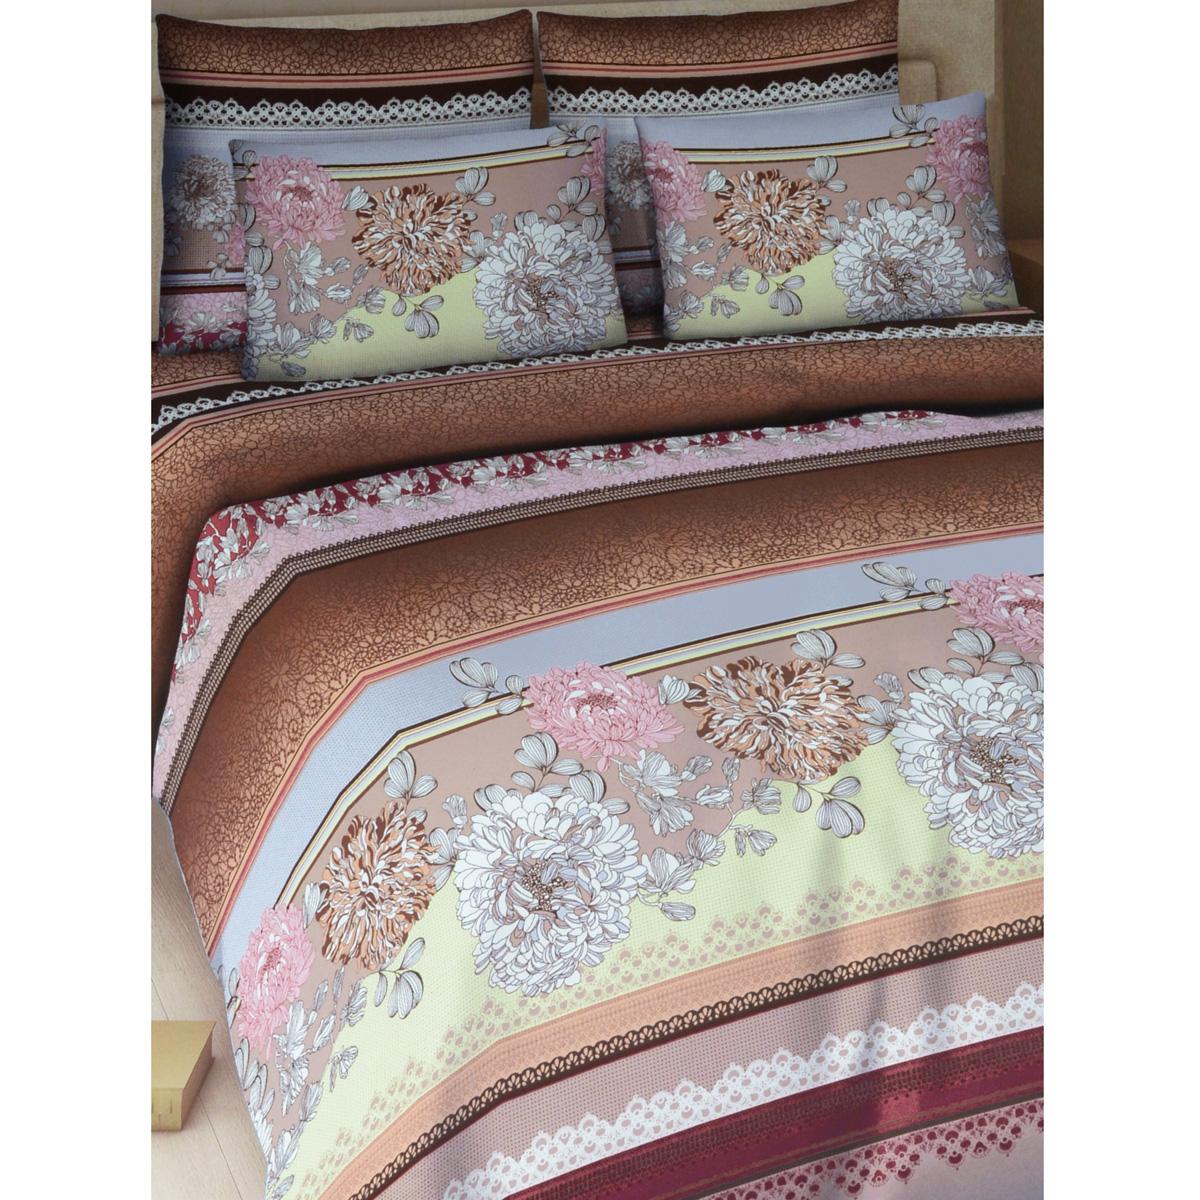 Комплект белья Василиса Рапсодия, семейный, наволочки 70х70, цвет: темно-коричневый, розовый, желтый325_2/сКомплект постельного белья Василиса Рапсодия состоит из двух пододеяльников, простыни и двух наволочек. Дизайн - крупные цветы. Белье изготовлено из поплина (хлопка) - гипоаллергенного, экологичного, высококачественного, крупнозакрученного волокна, благодаря чему эта ткань мягкая, нежная на ощупь и очень прочная, не образует катышков на поверхности. При соблюдении рекомендаций по уходу, это белье выдерживает много стирок (более 70), не линяет и не теряет свою первоначальную прочность. Уникальная ткань обеспечивает легкую глажку.